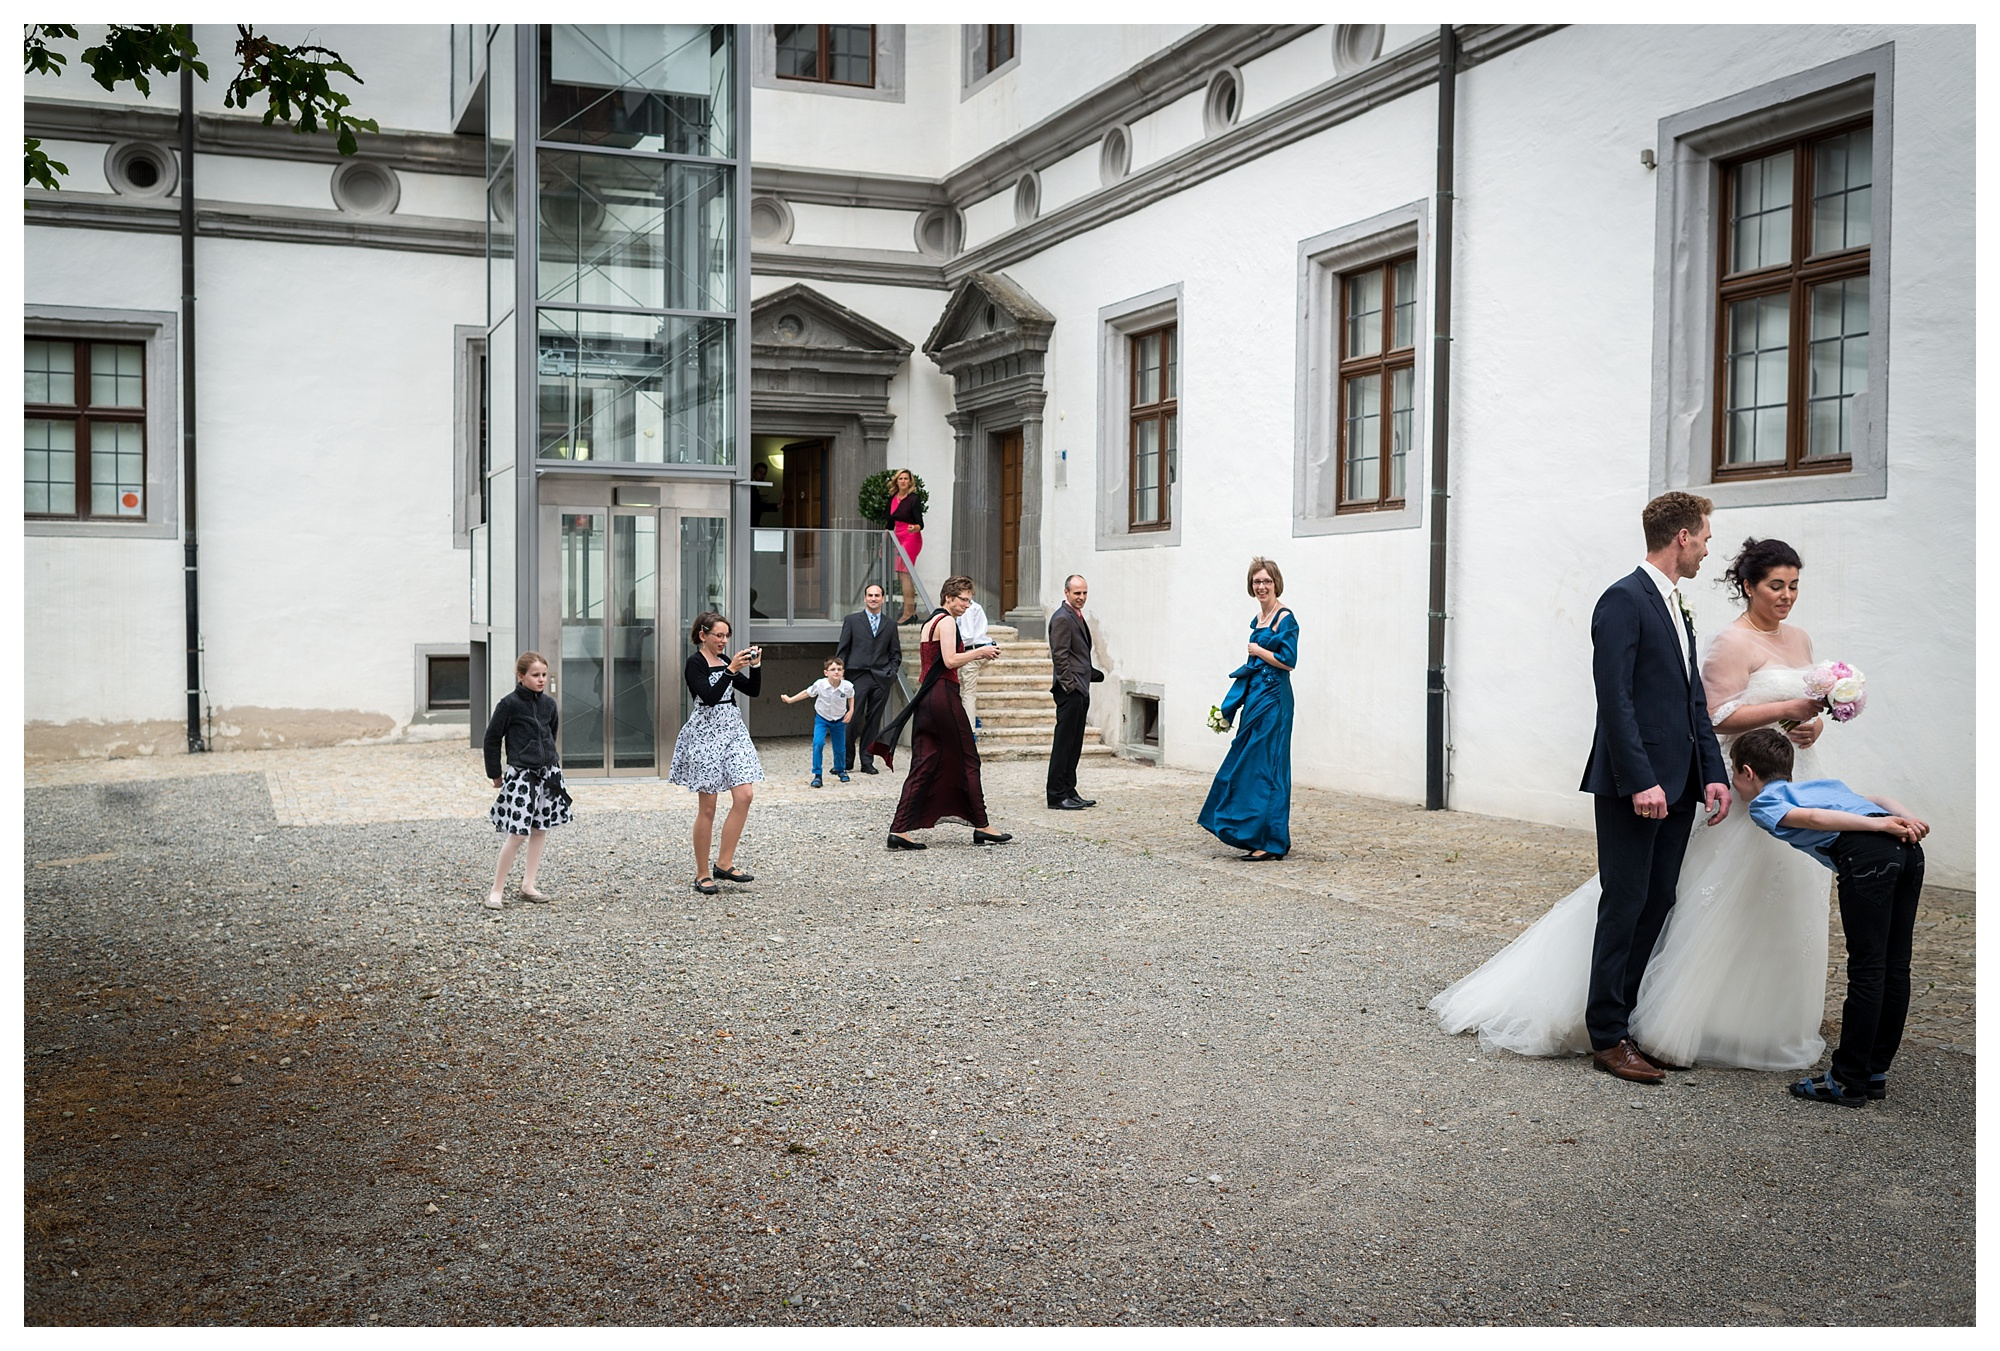 Fotograf Konstanz - Hochzeit Tanja Elmar Elmar Feuerbacher Photography Konstanz Messkirch Highlights 089 - Hochzeitsreportage von Tanja und Elmar im Schloss Meßkirch  - 85 -